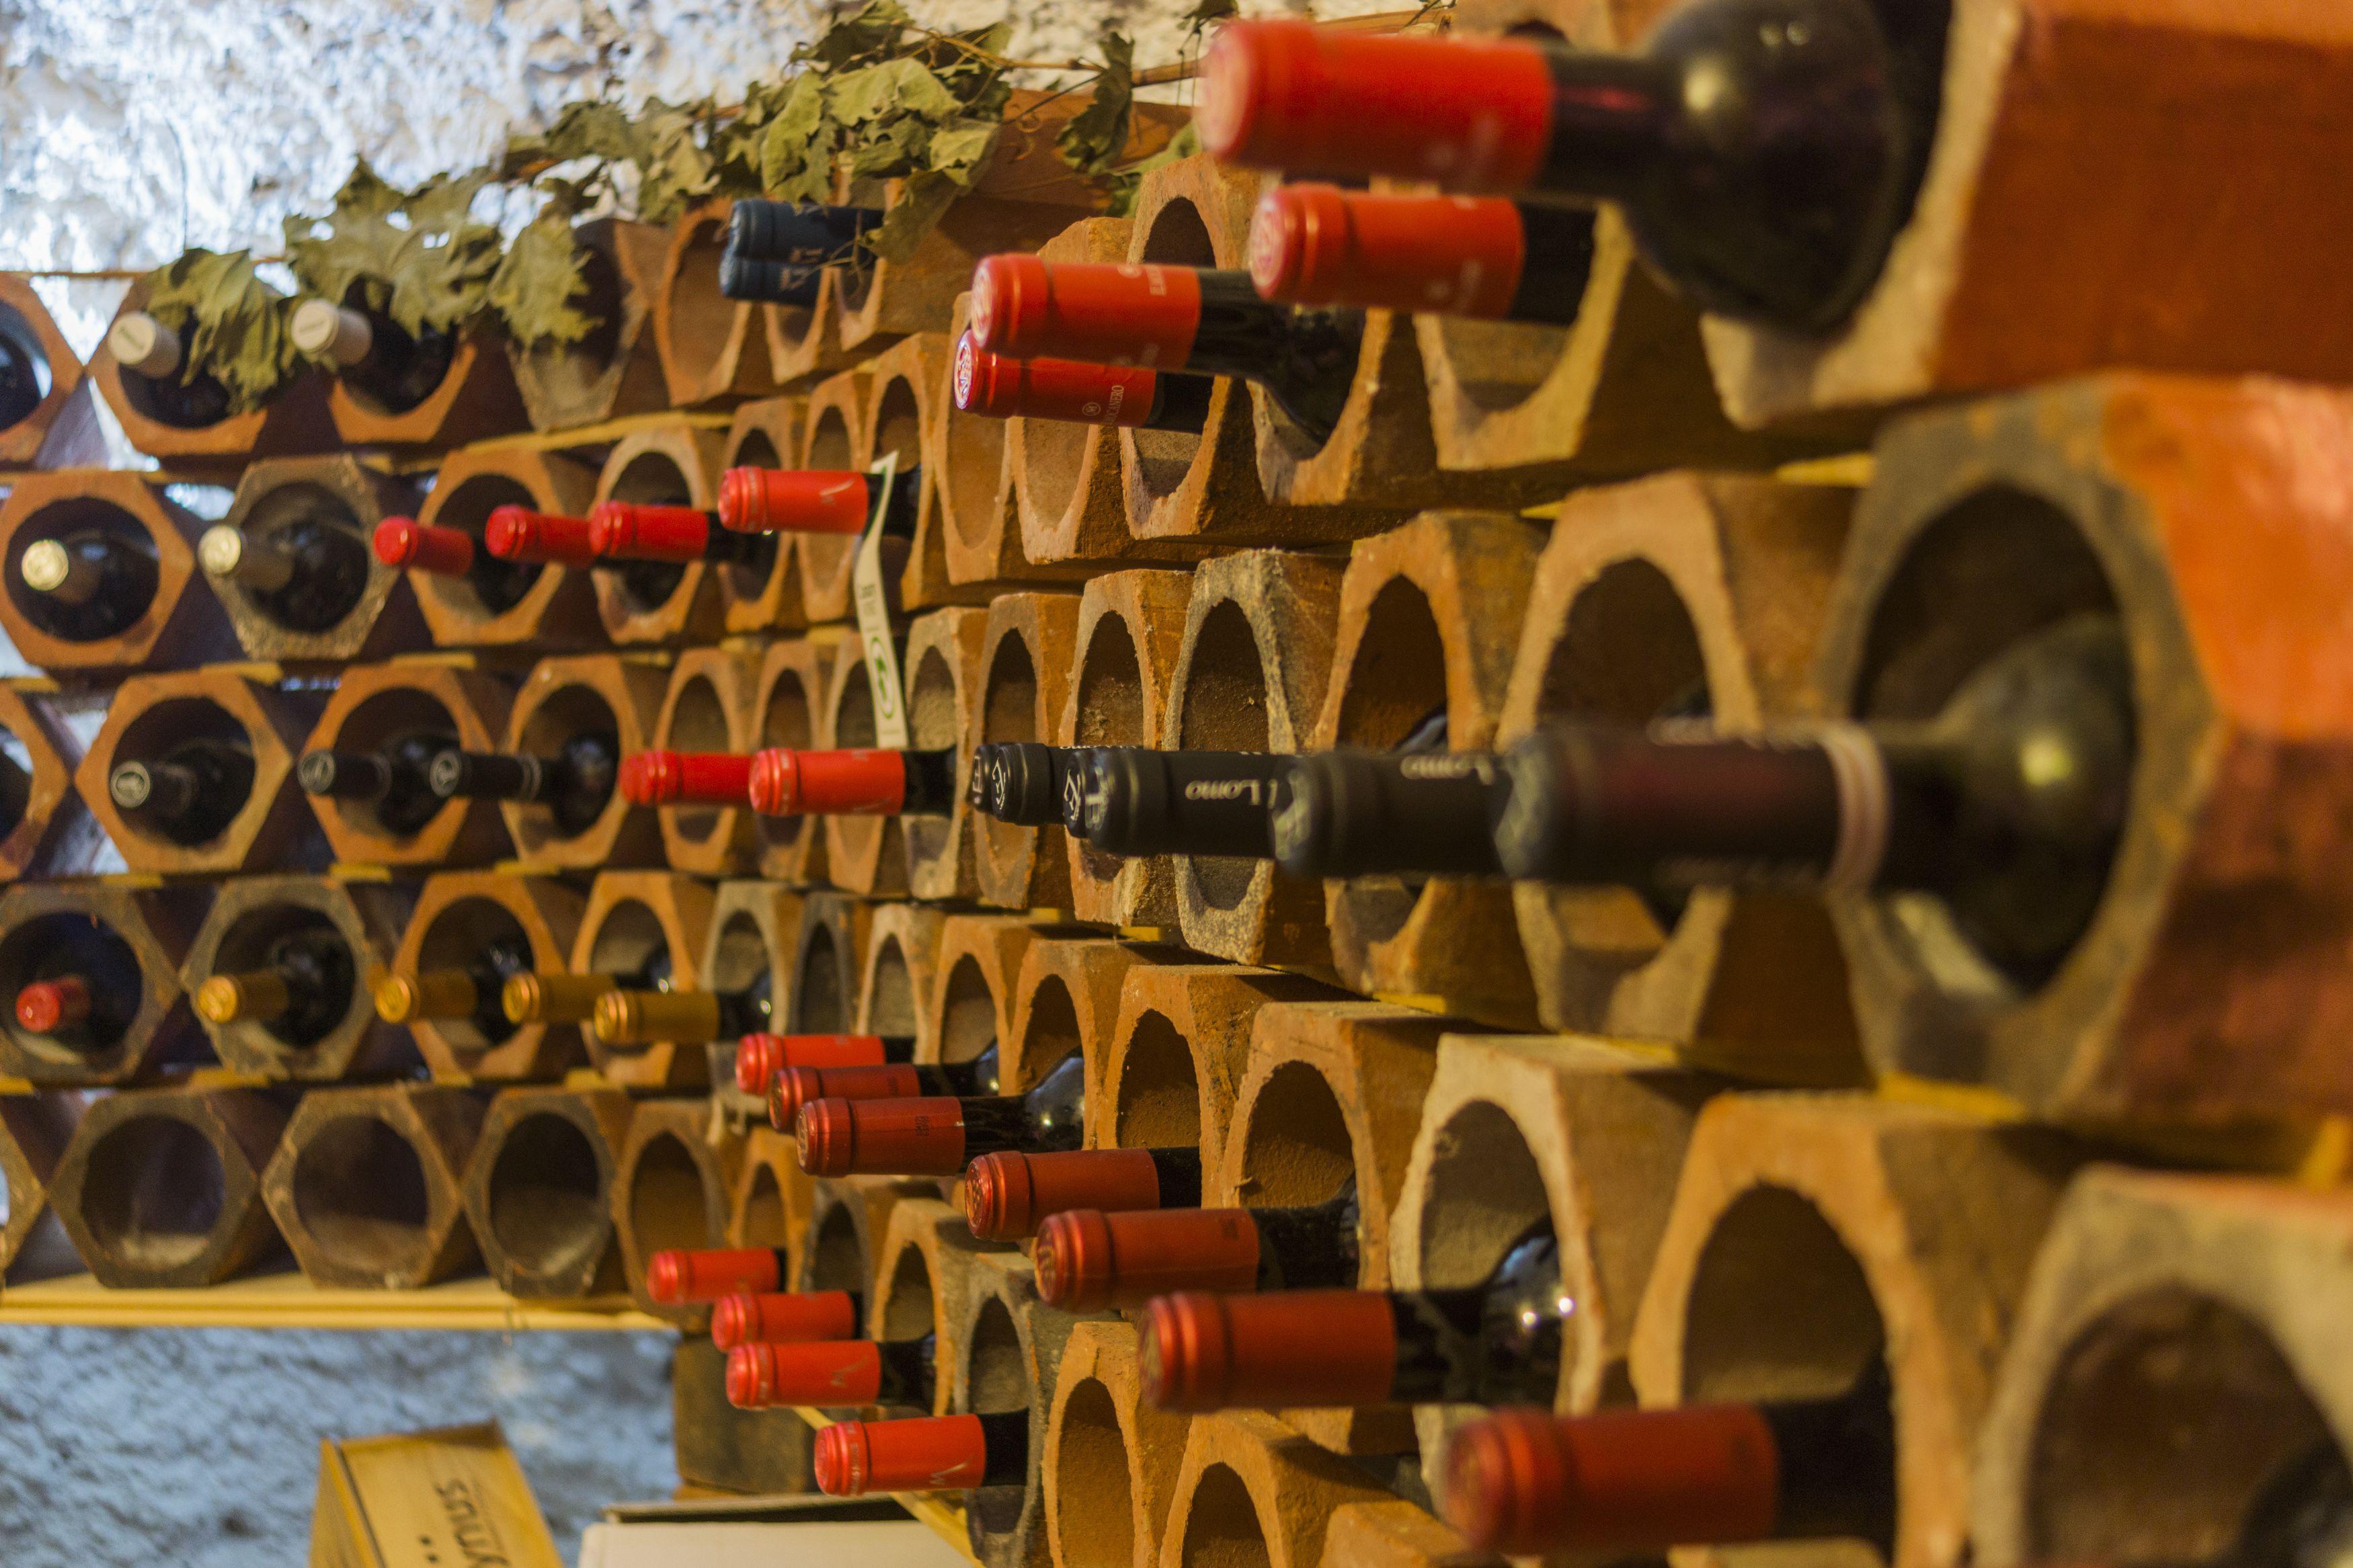 Amplia carta de vinos en Santa Cruz de Tenerife